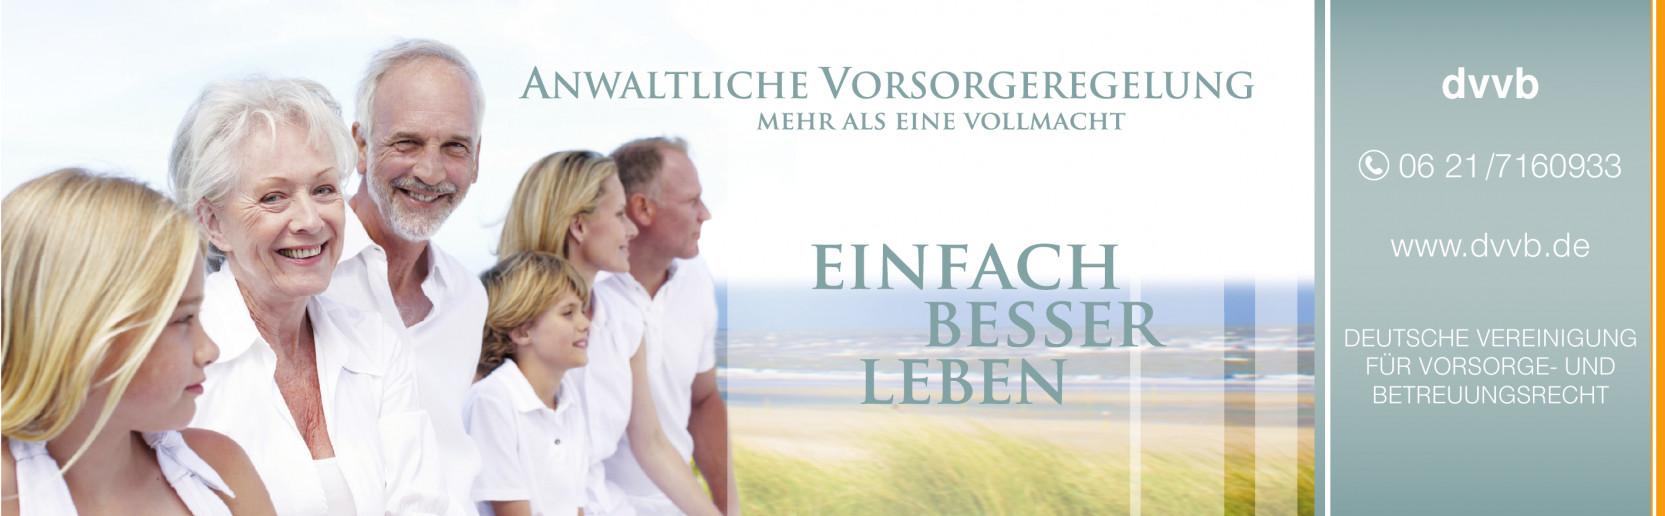 DVVB Deutsche Vereinigung für Vorsorge- und Betreuungsrecht